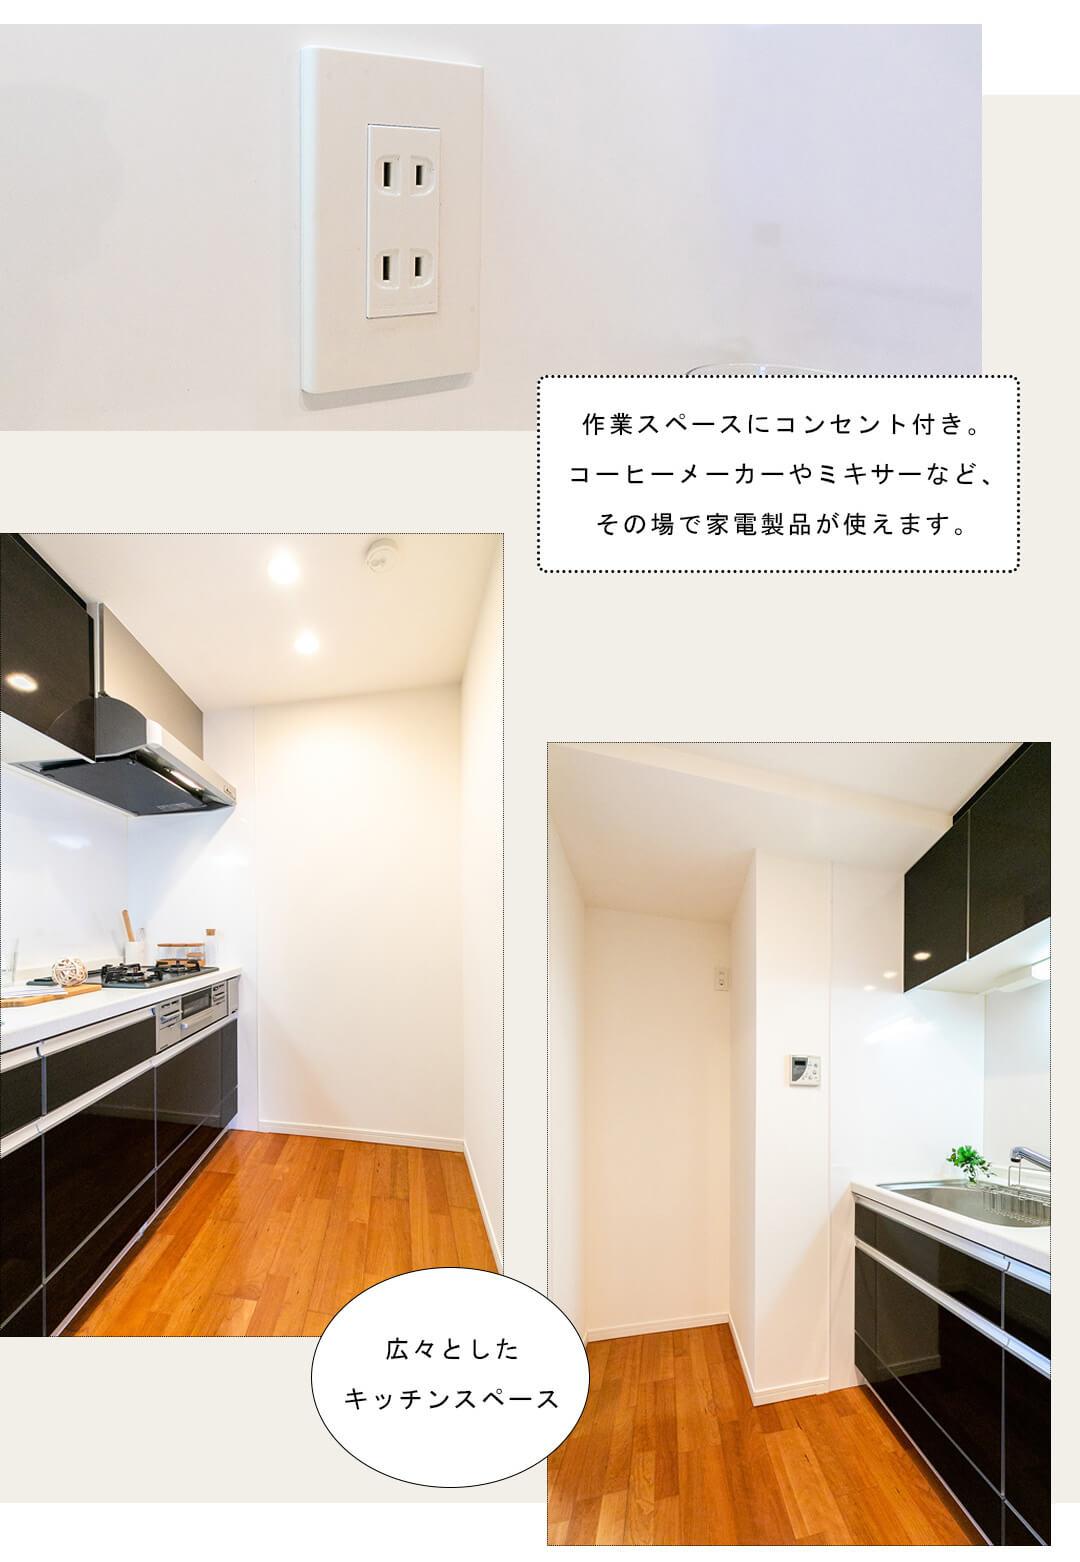 ジョイア上野毛 402のキッチン